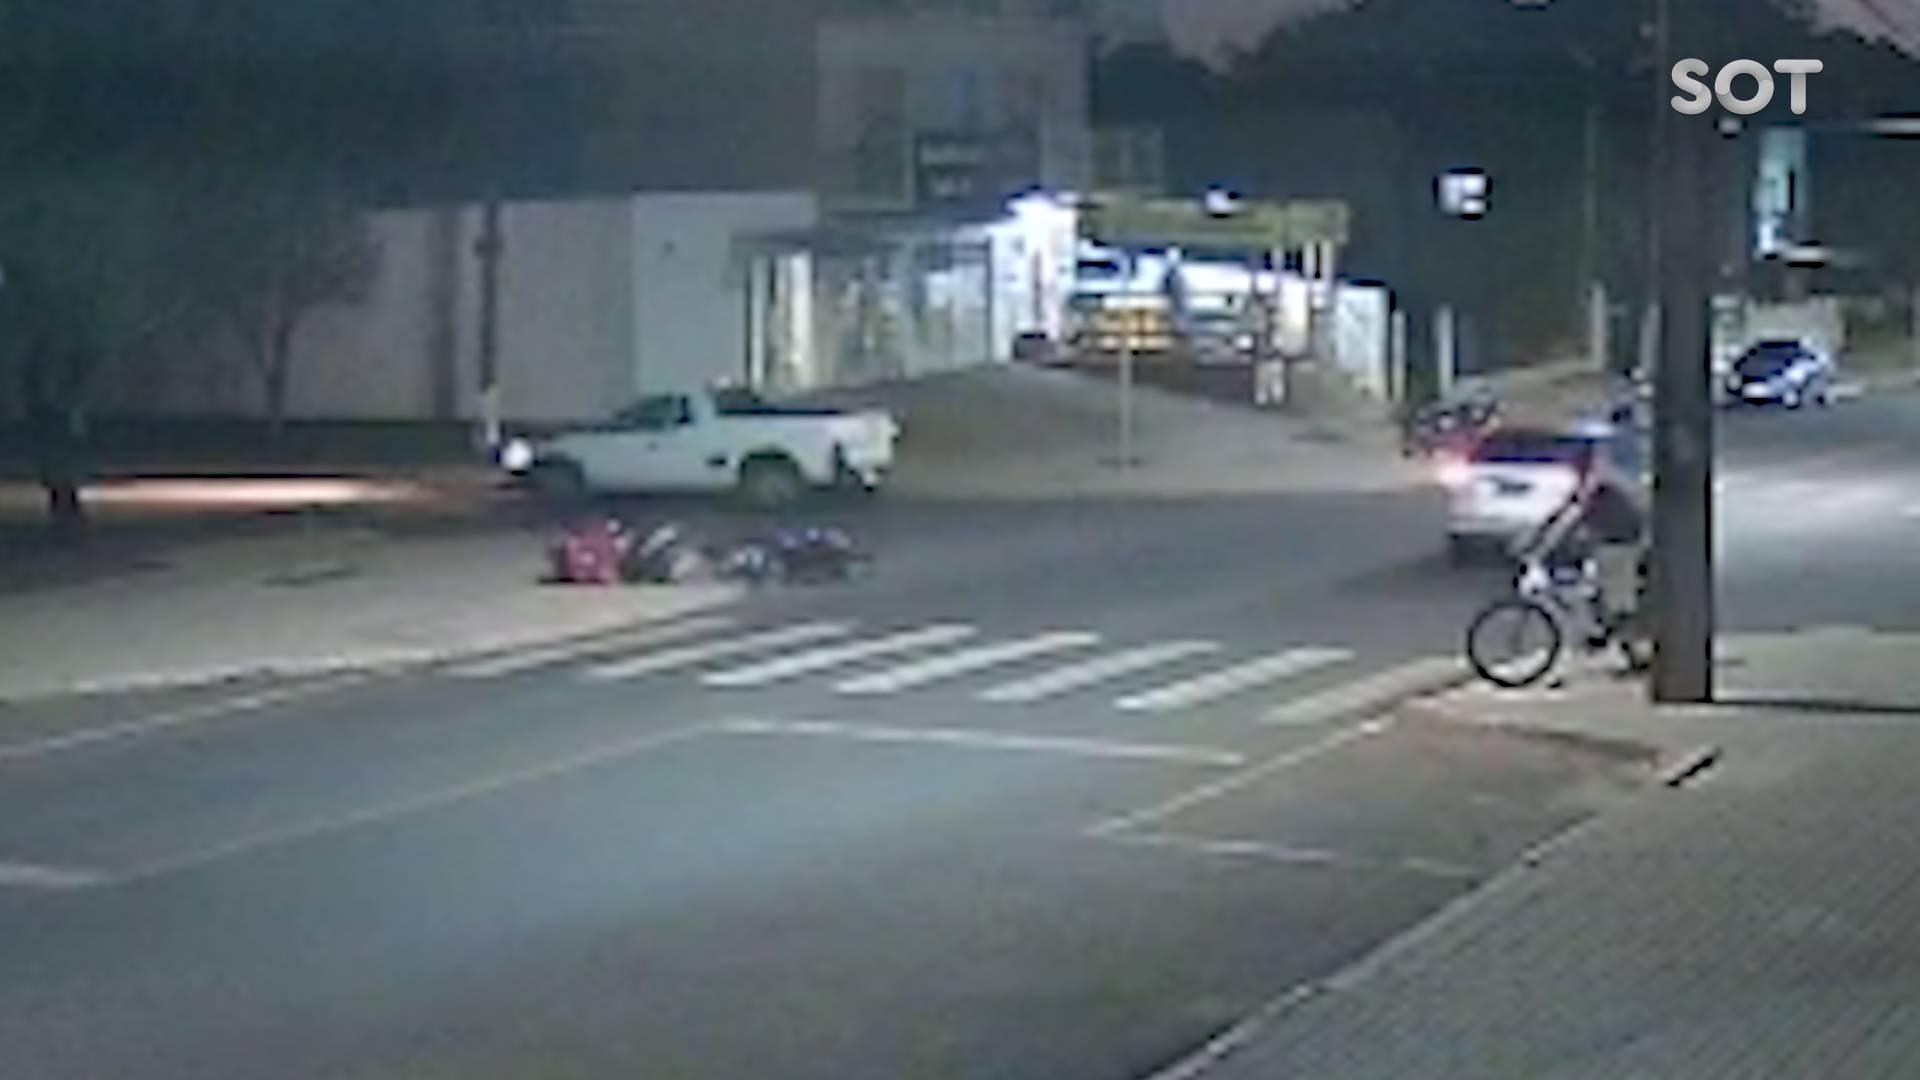 Câmera de segurança registra forte colisão entre carro e moto na Rua Itália